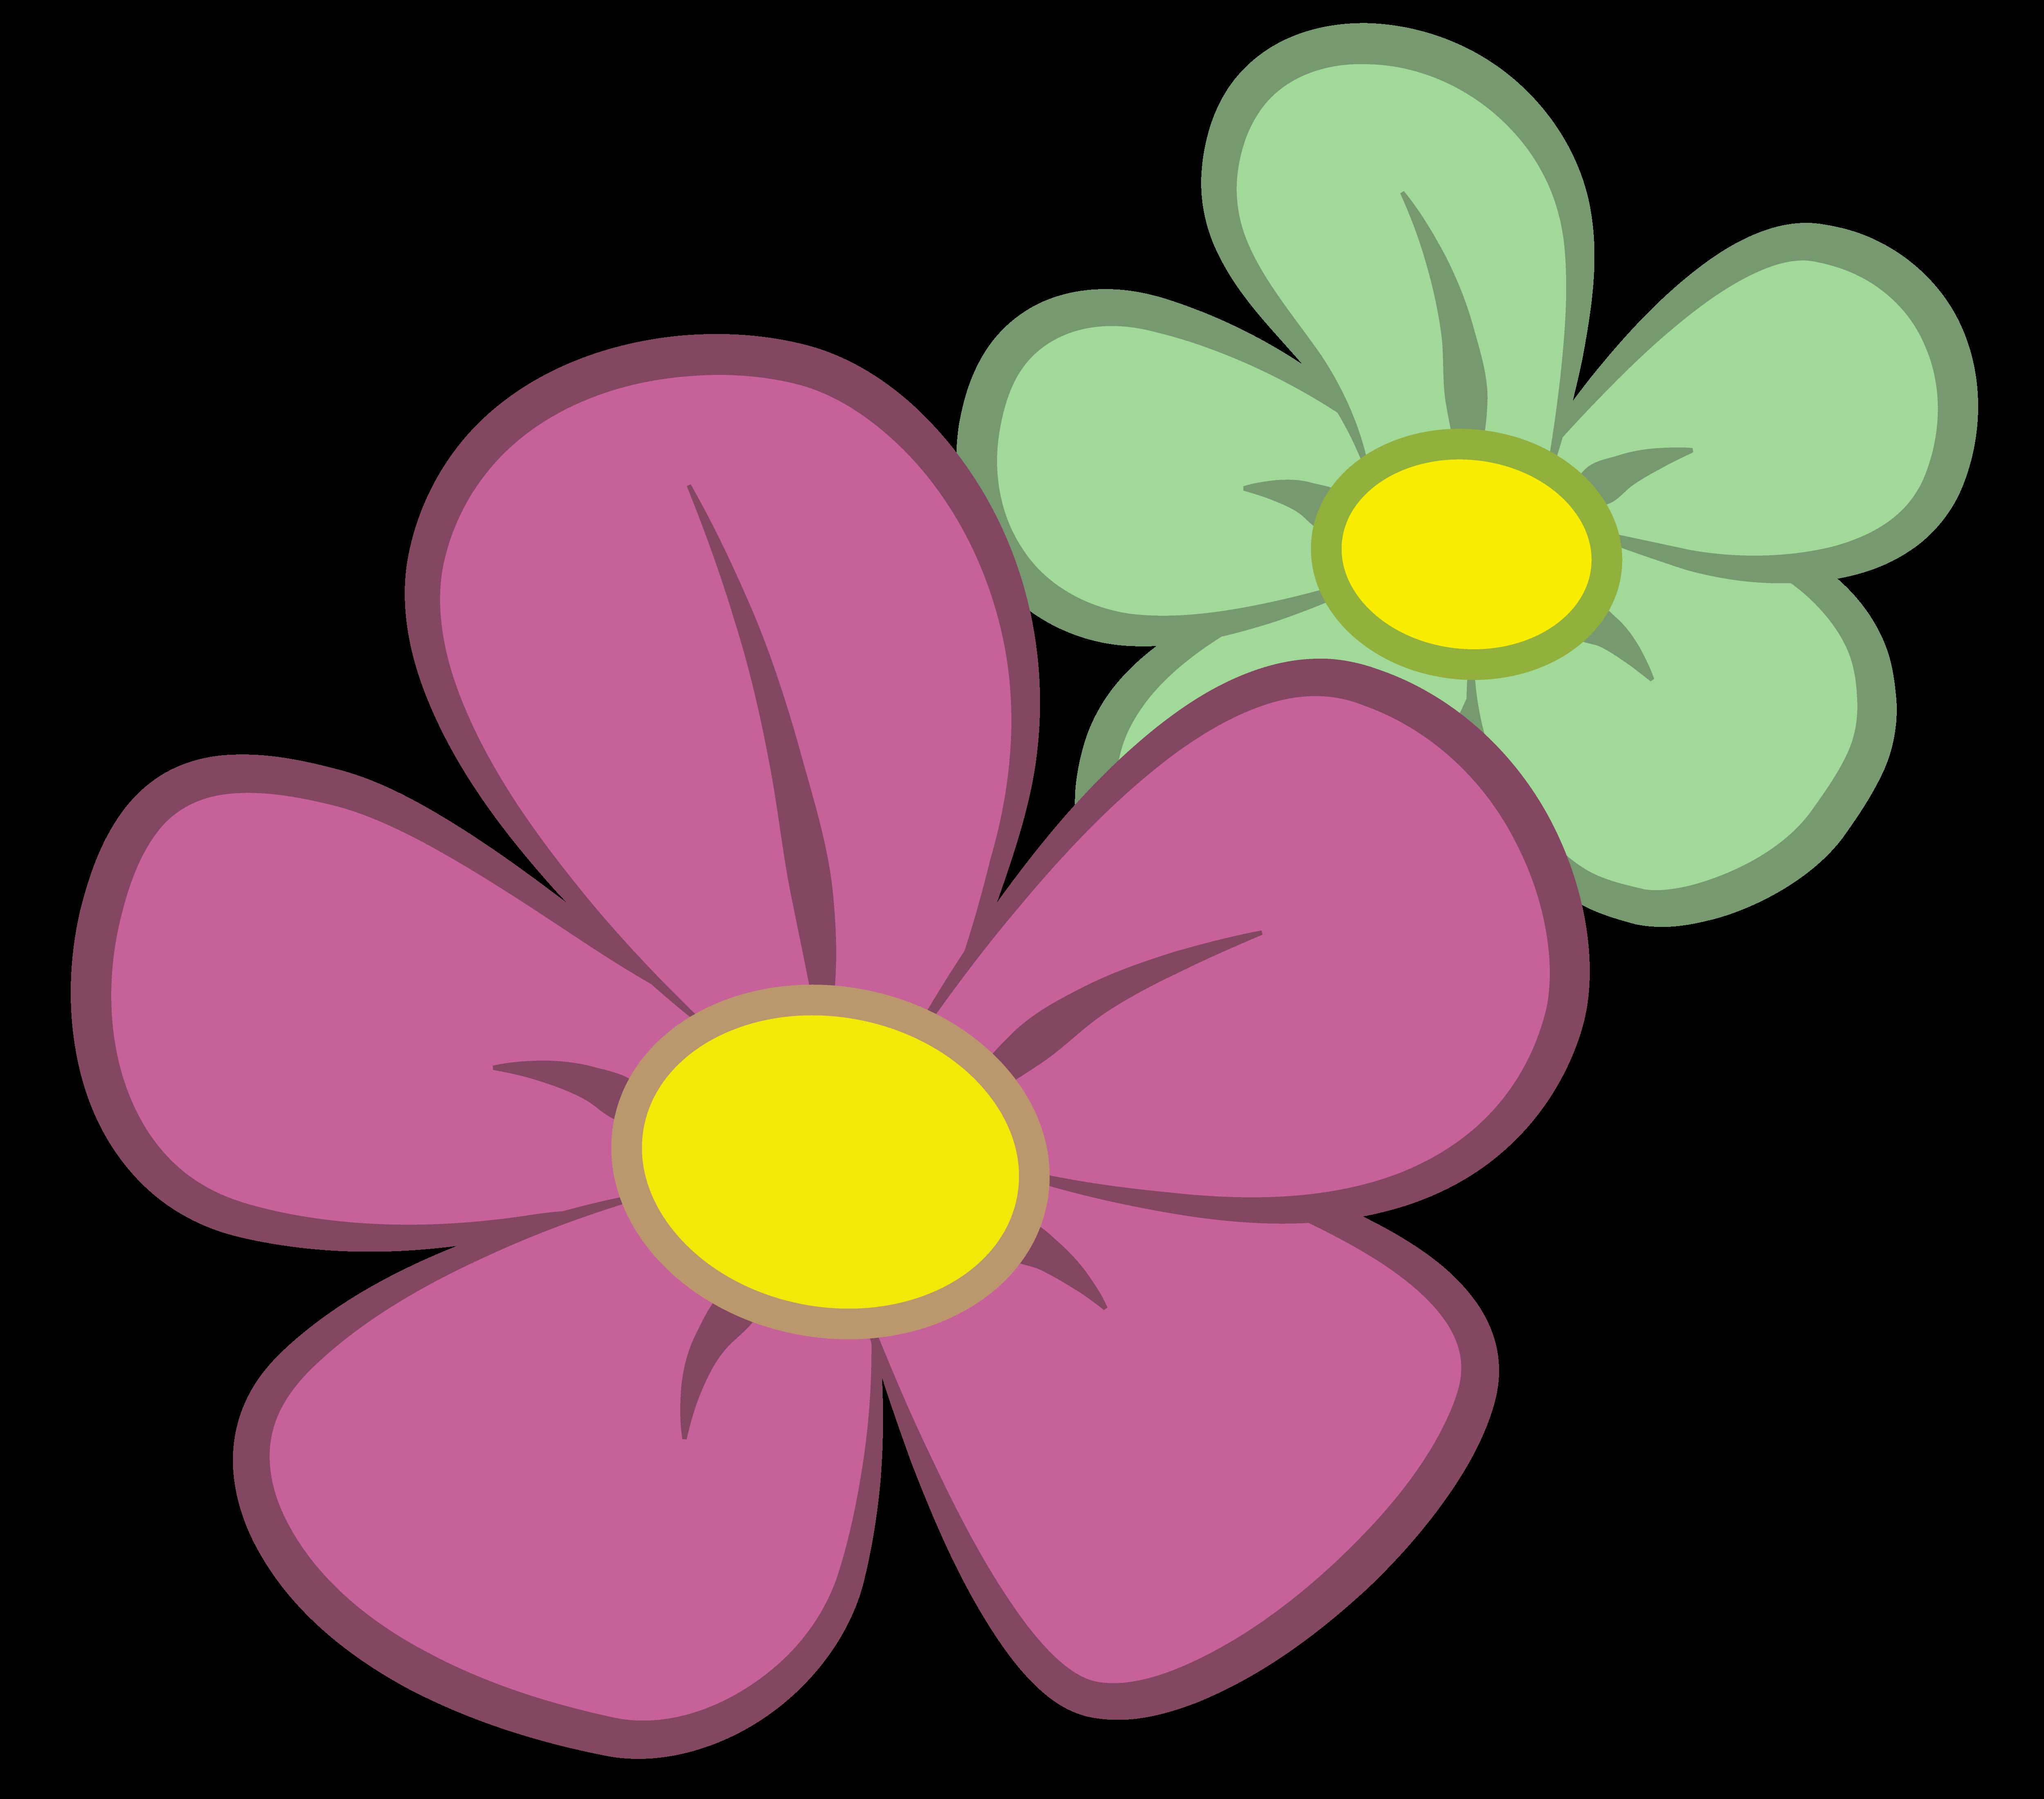 Flora, la flore, plus qu'un métier... une passion [L] Blossomforth_cutie_mark_vector_by_beckiergb-d4vm5zi